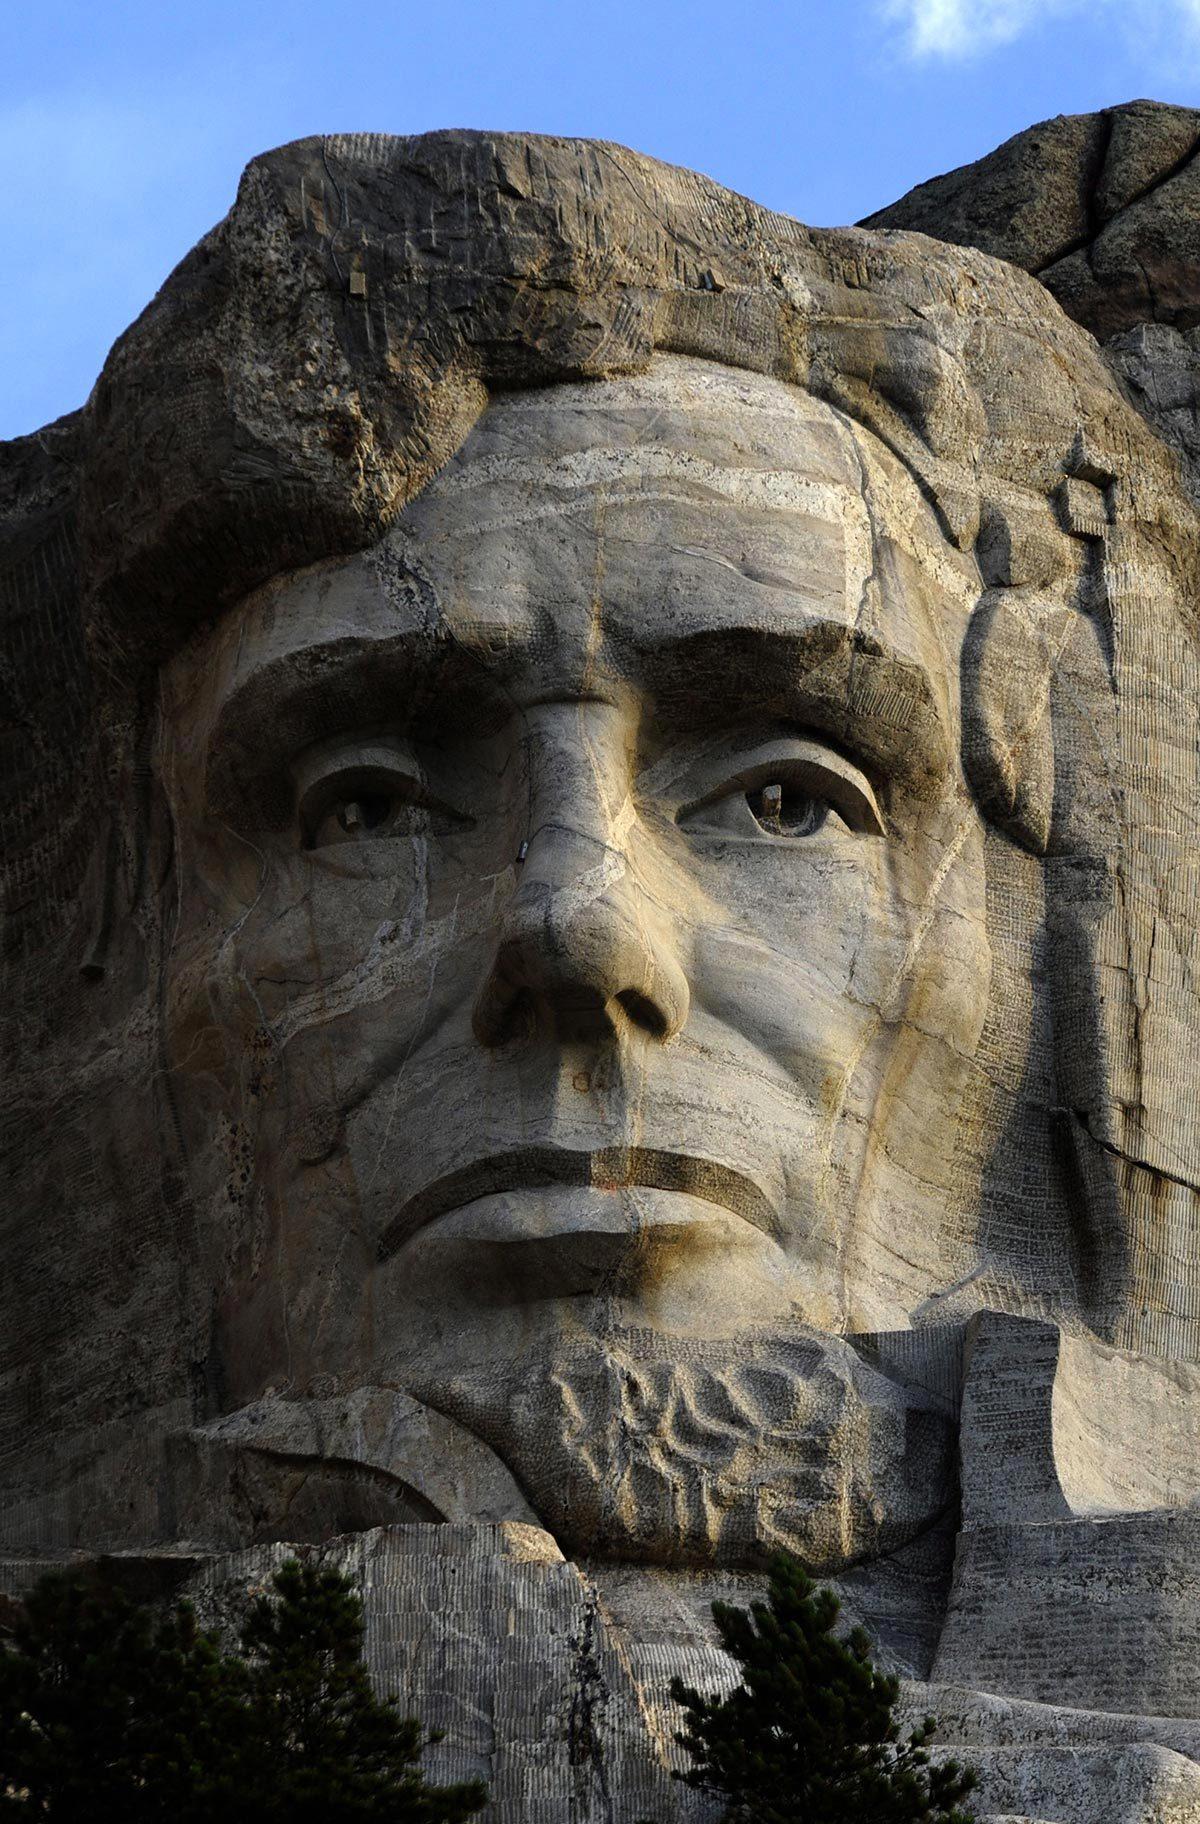 Monument célèbre qui dissimule une pièce secrète : le mont Rushmore.